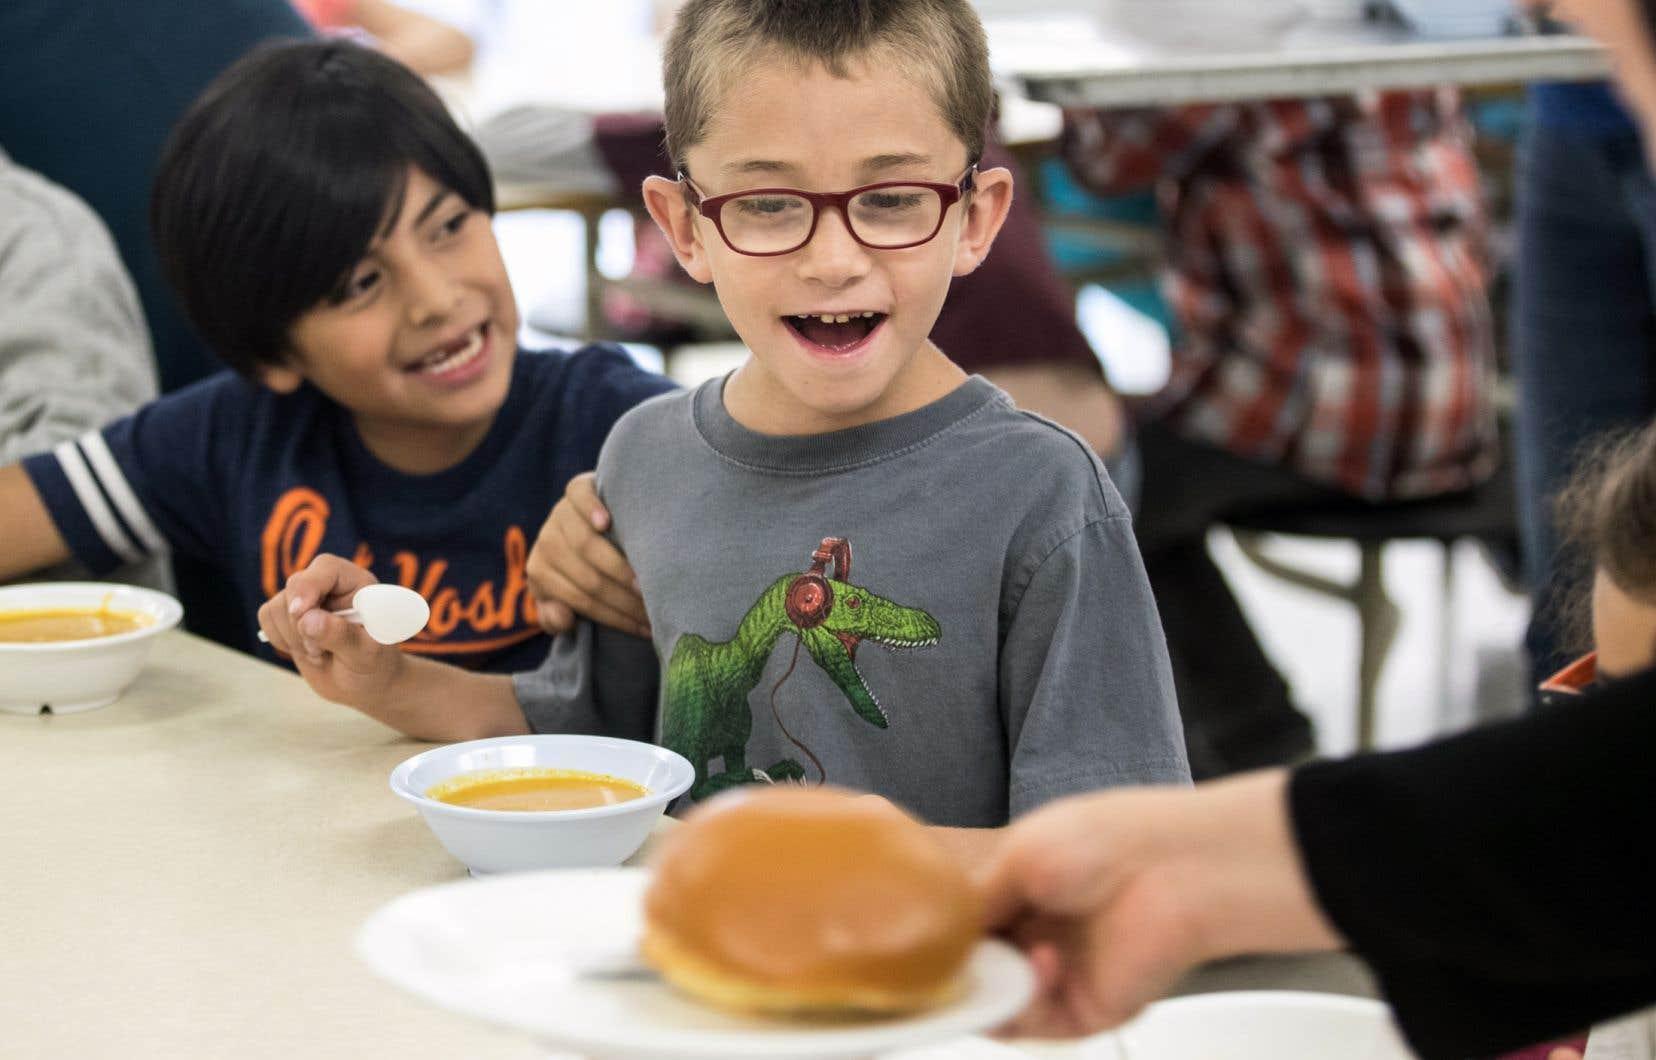 Les élèves de quatorze écoles primaires n'auront plus droit à des repas à petit prix réservés aux enfants de milieux démunis.